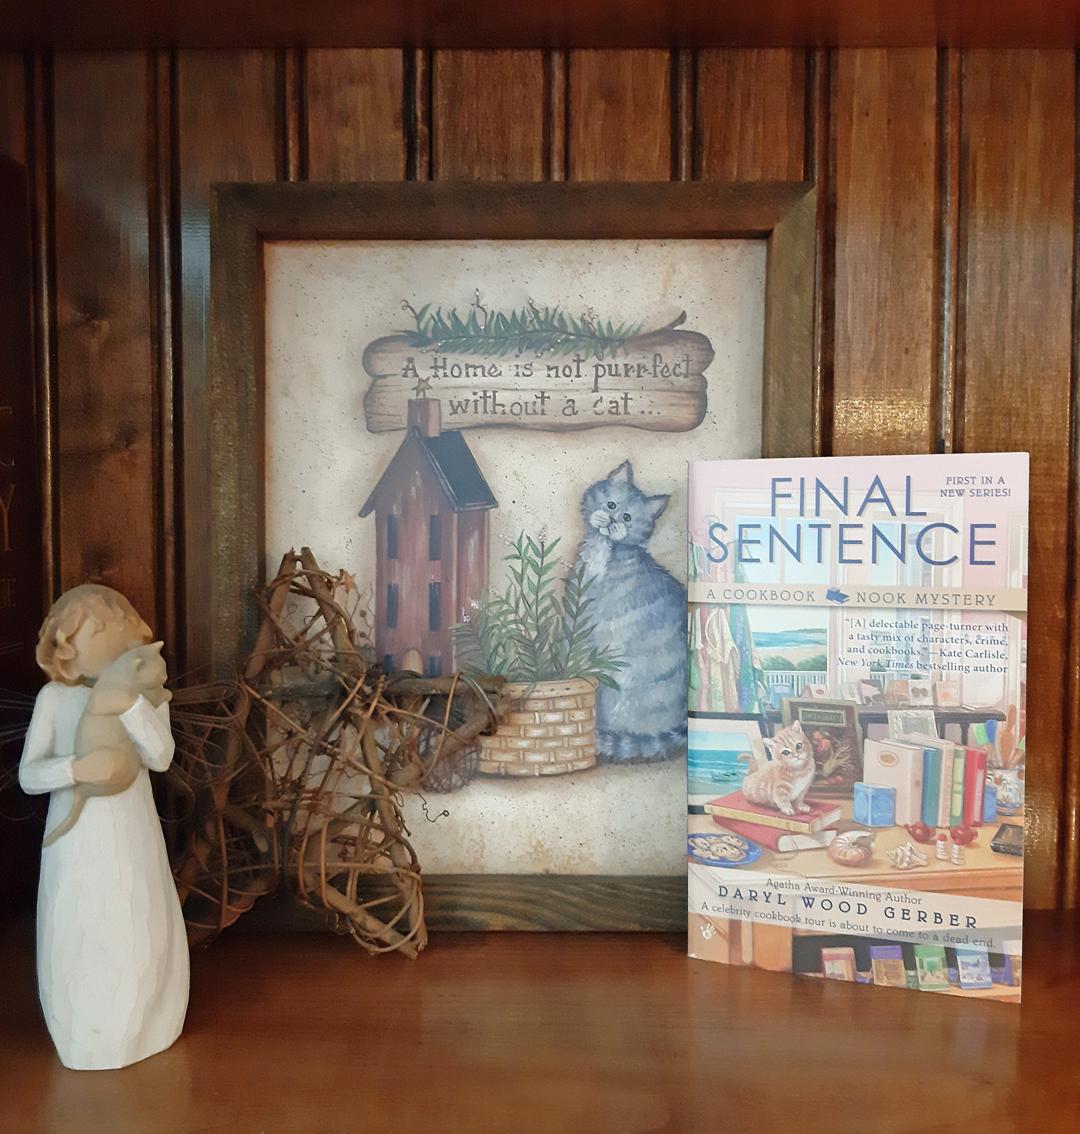 Daryl Wood Gerber – Final Sentence (A Cookbook Nook Mystery)